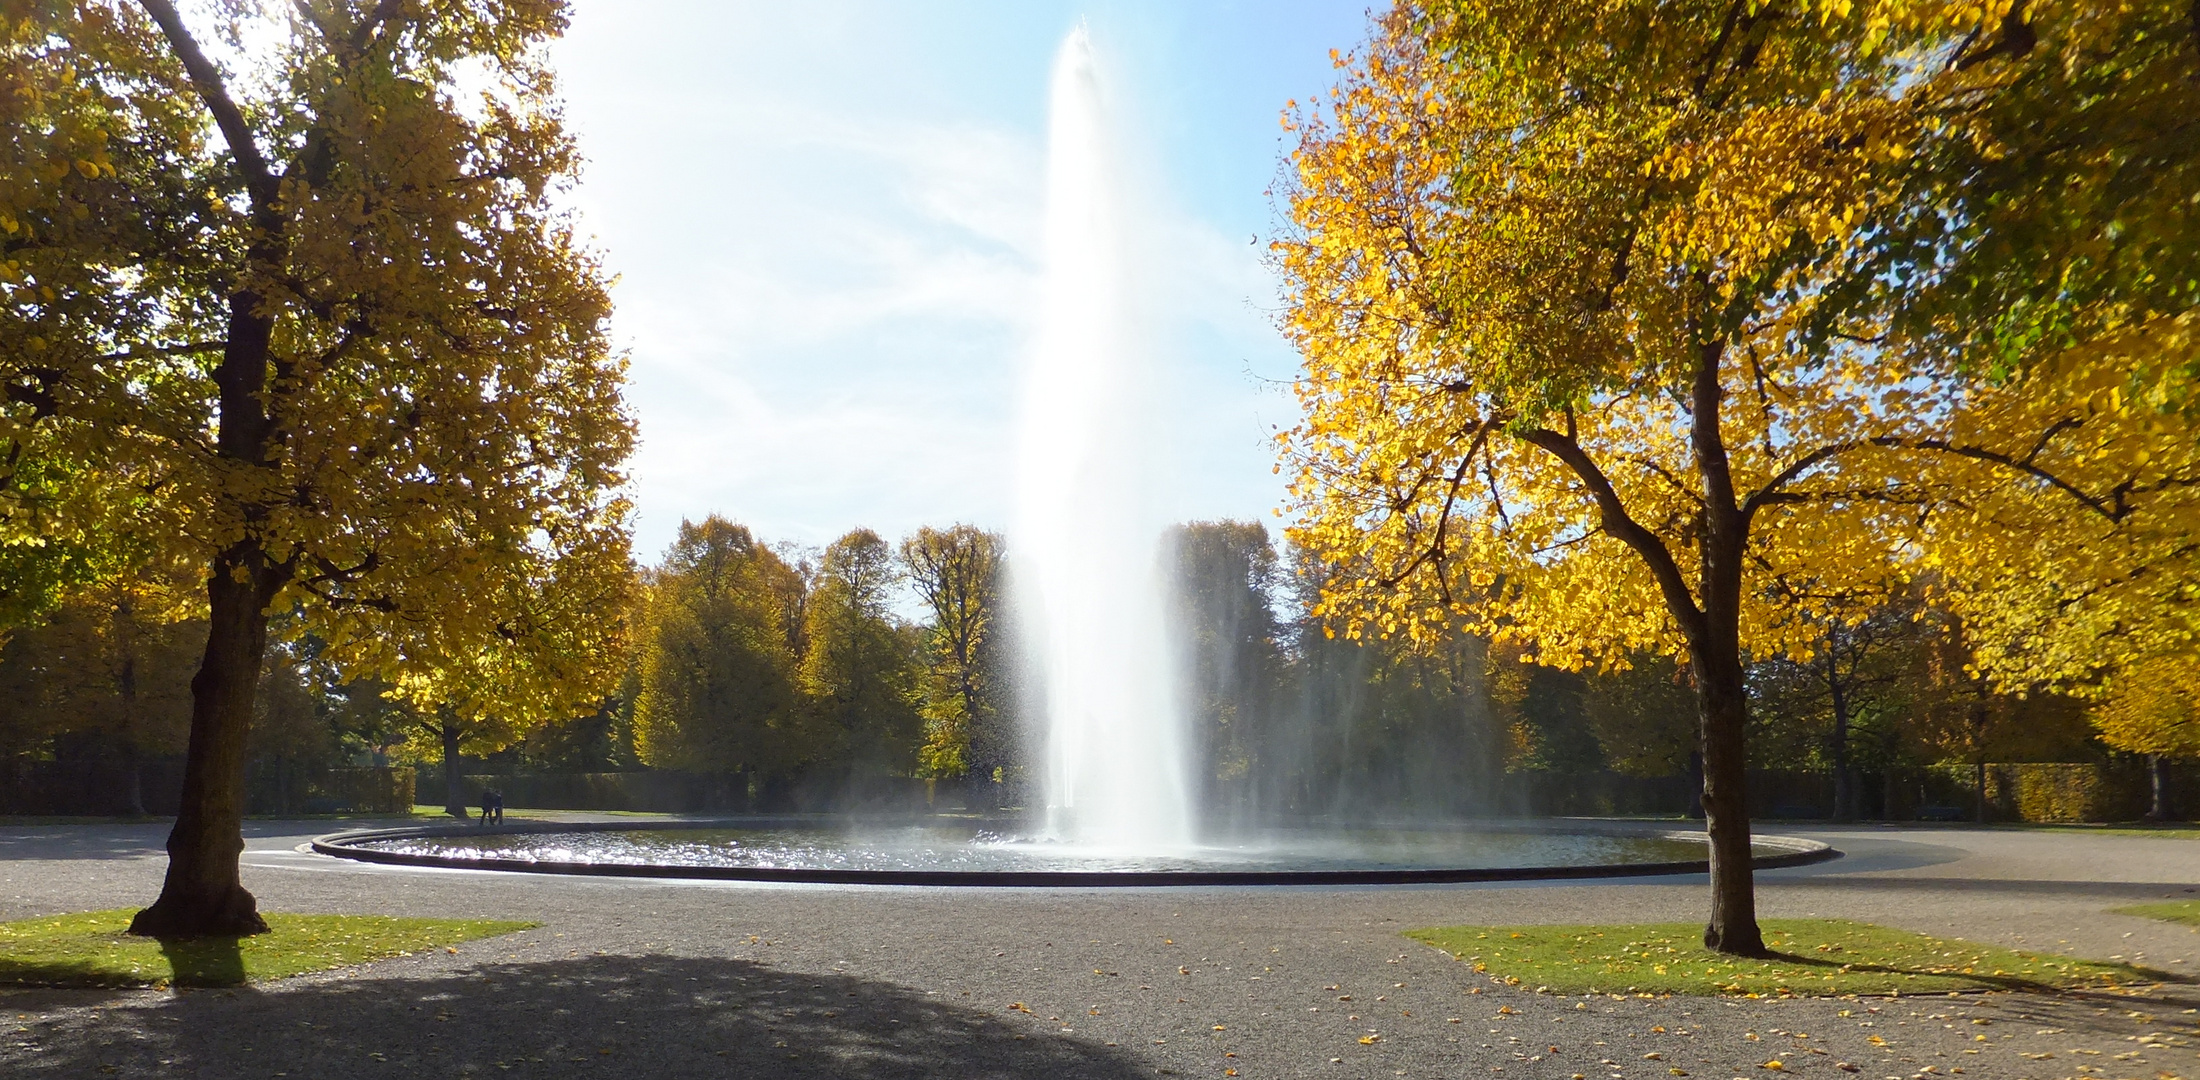 Wasserspiele im Herbst